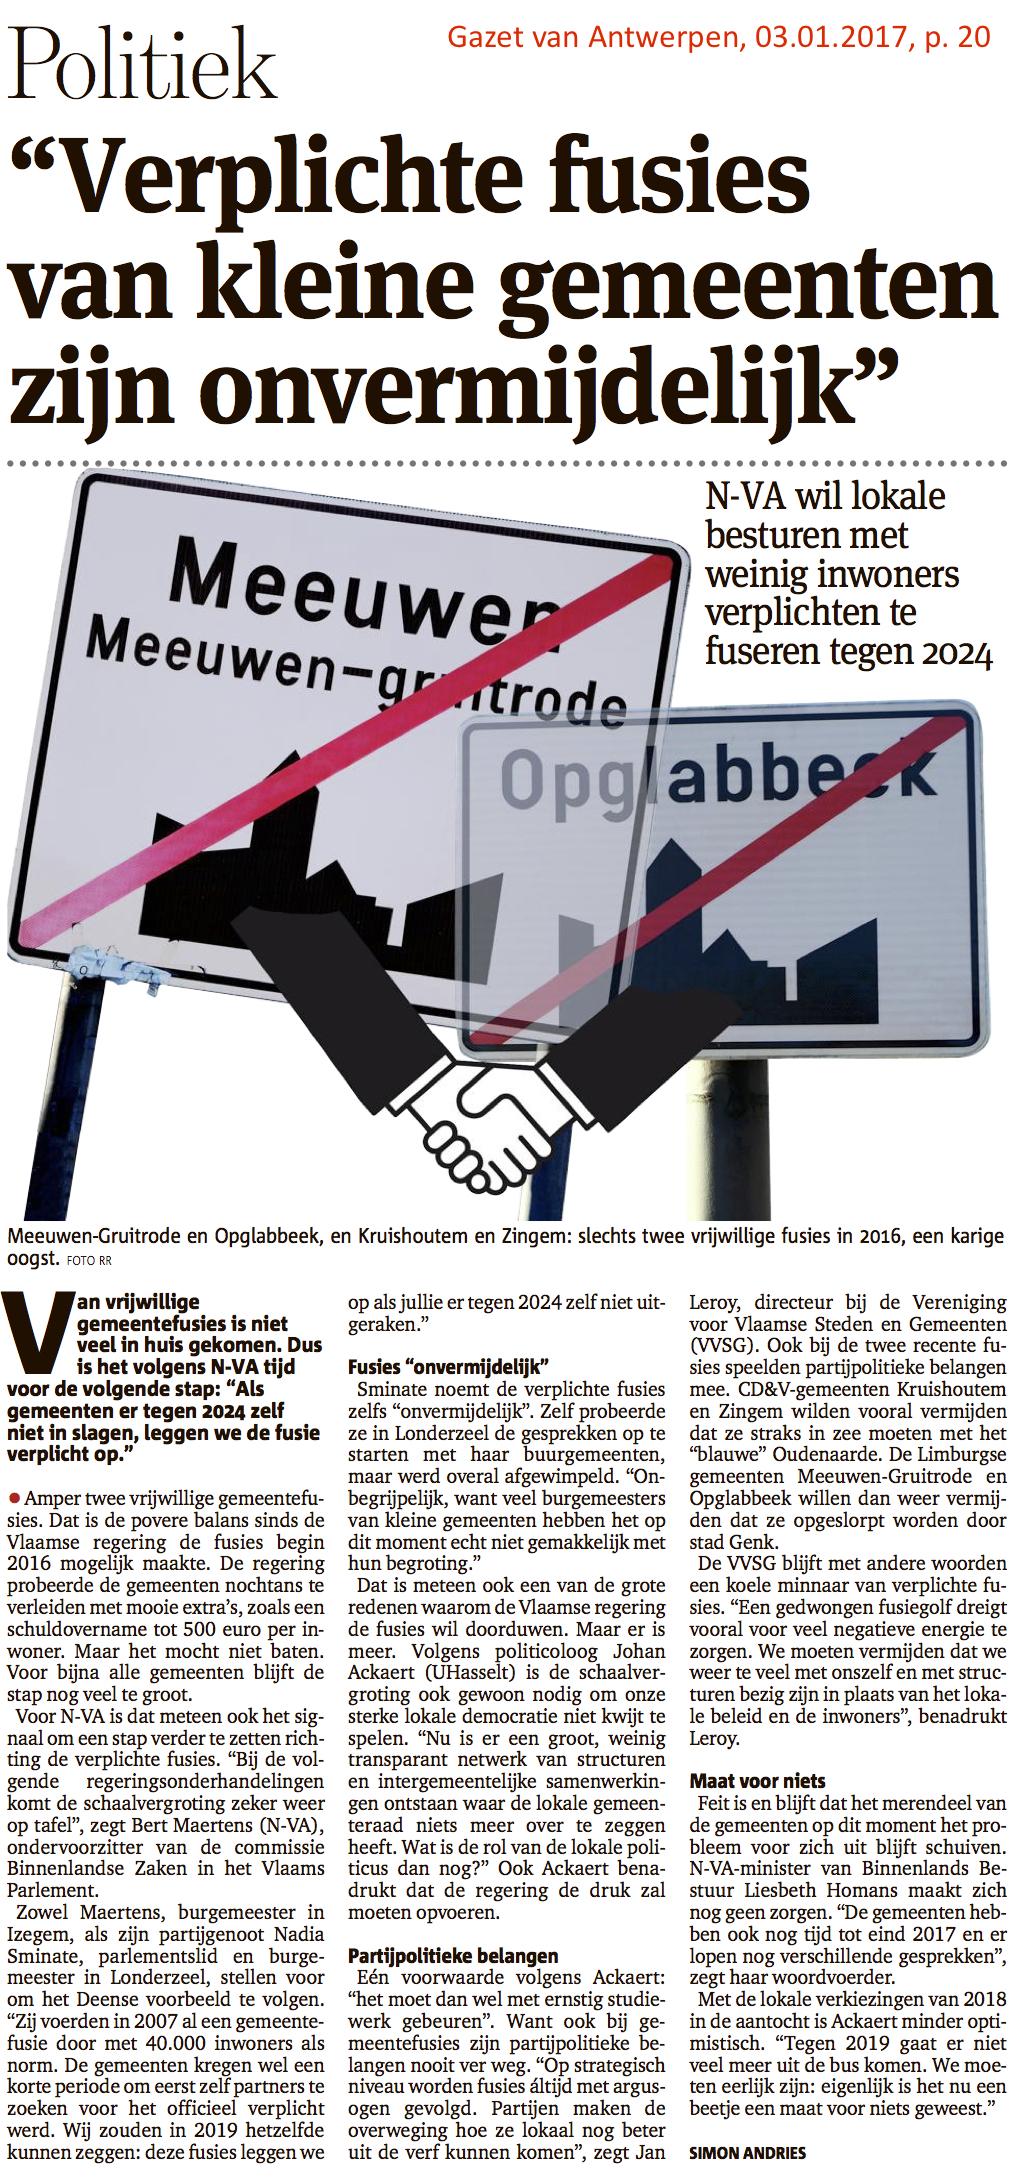 Gazet van Antwerpen, 03.01.2017, p. 20